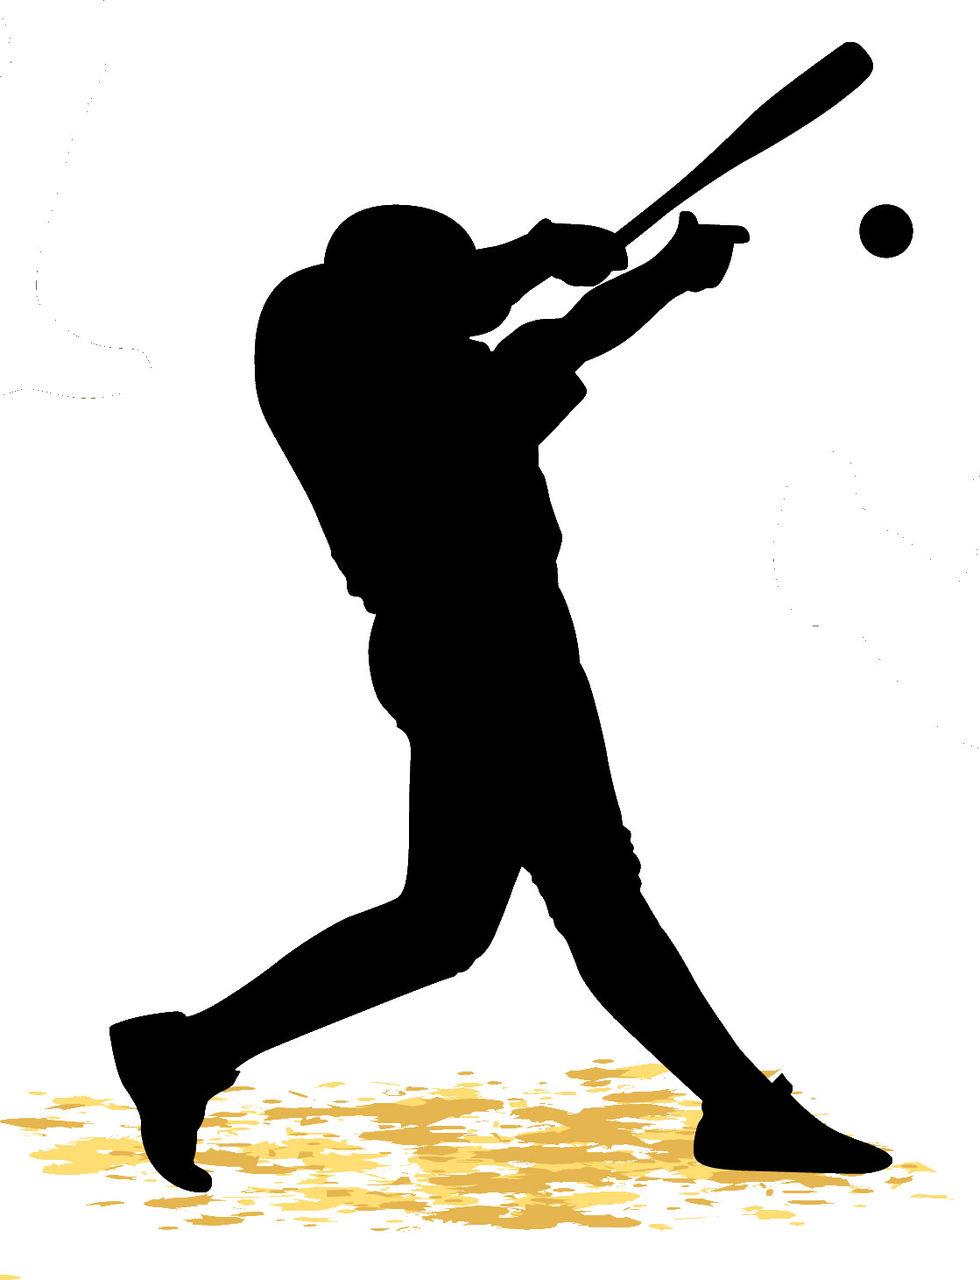 スタメン出場したら9回の攻撃で必ずホームラン打つ外野手www